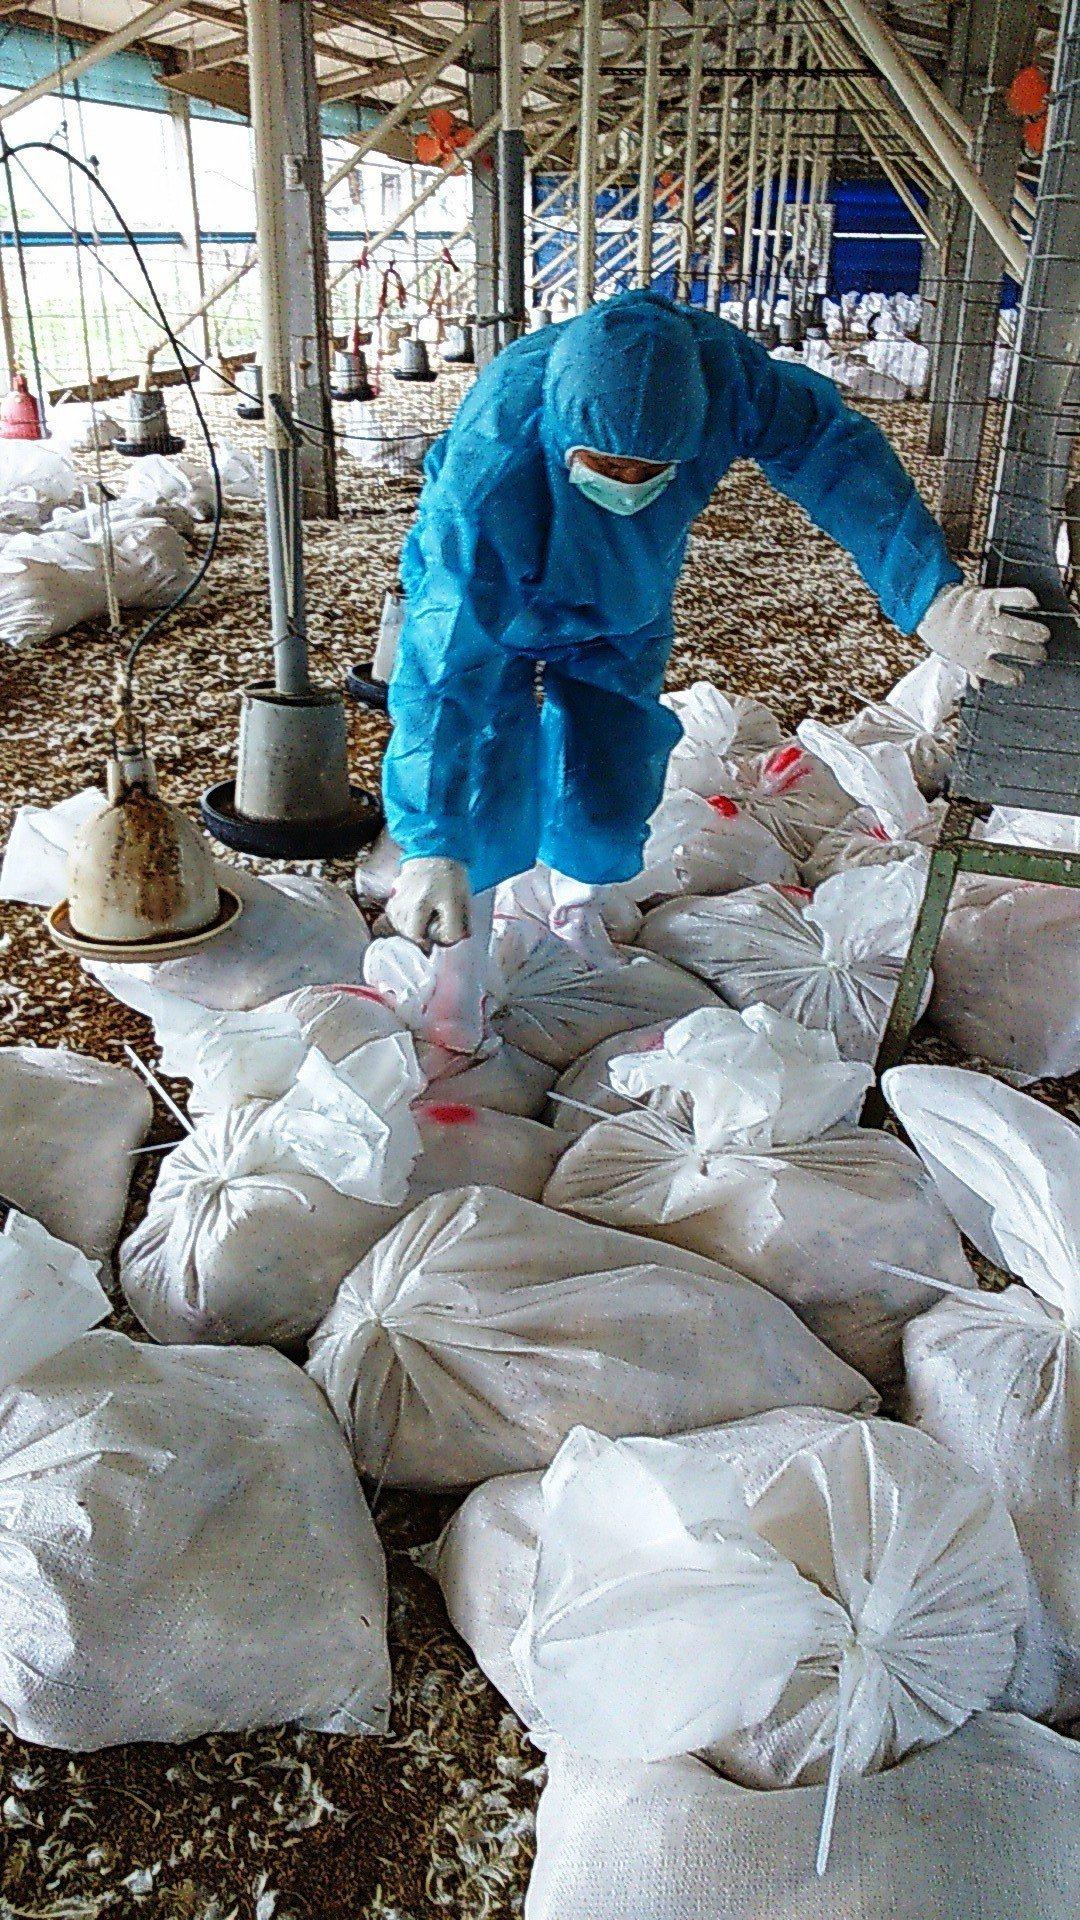 芳苑鄉有一家中型土雞場傳出禽流感疫情,防疫人員今天進場全場撲殺土雞1萬多隻。照片...